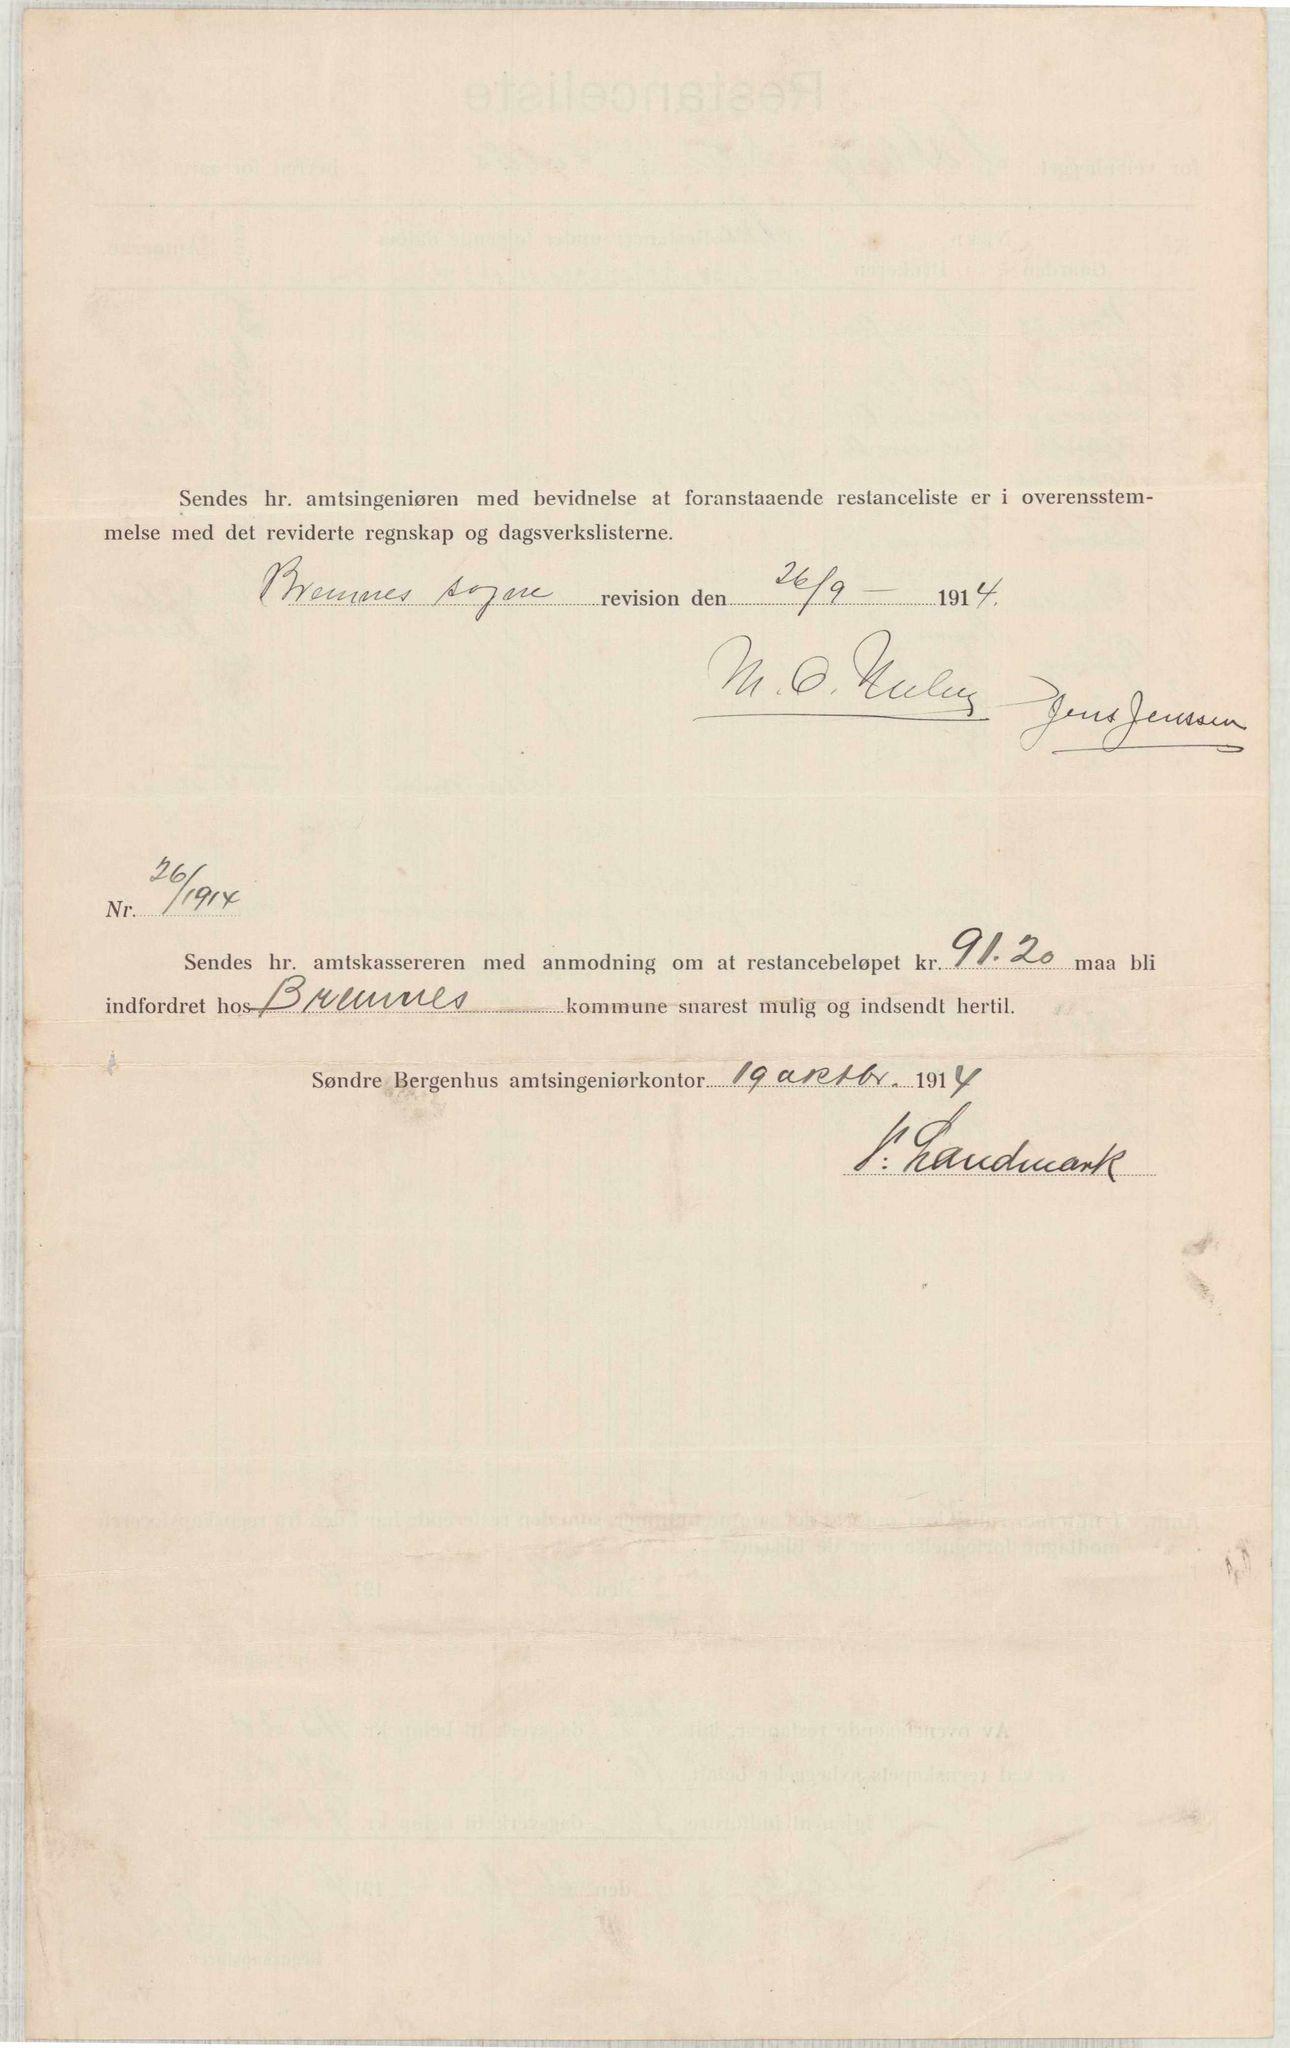 IKAH, Finnaas kommune. Formannskapet, E/Ea/L0001: Rekneskap for veganlegg, 1913-1916, s. 2